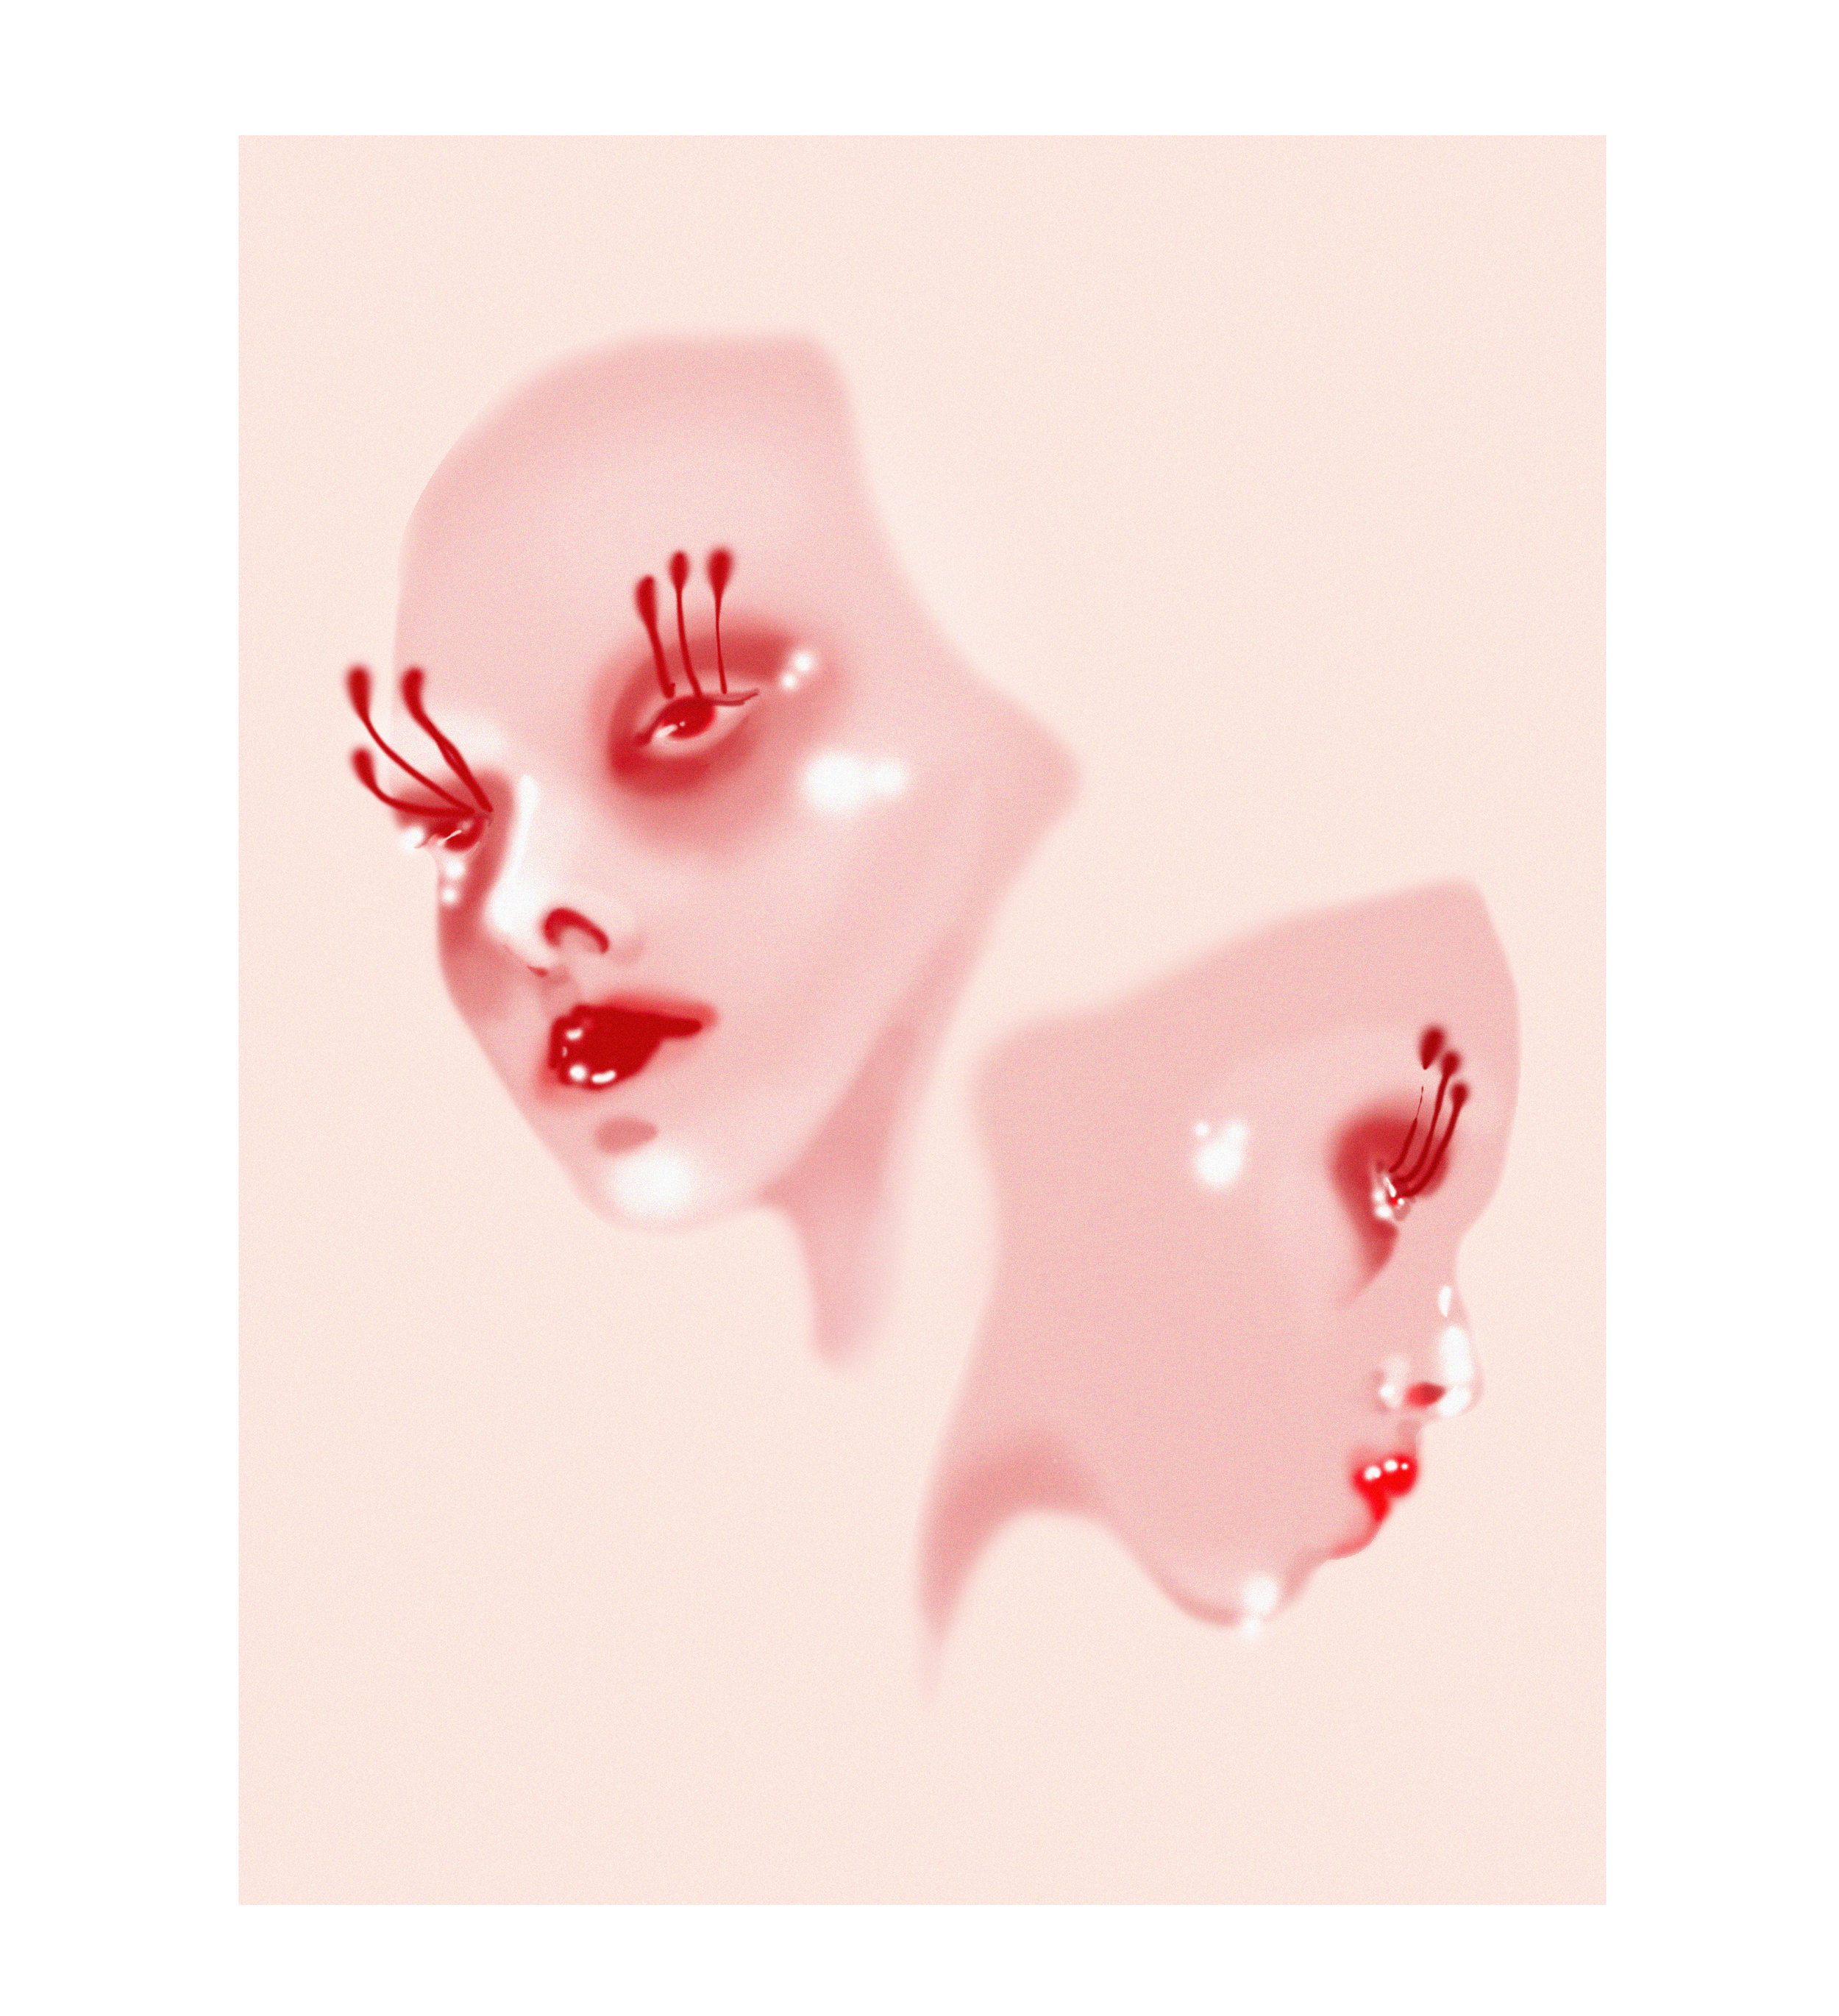 twofaces.jpg